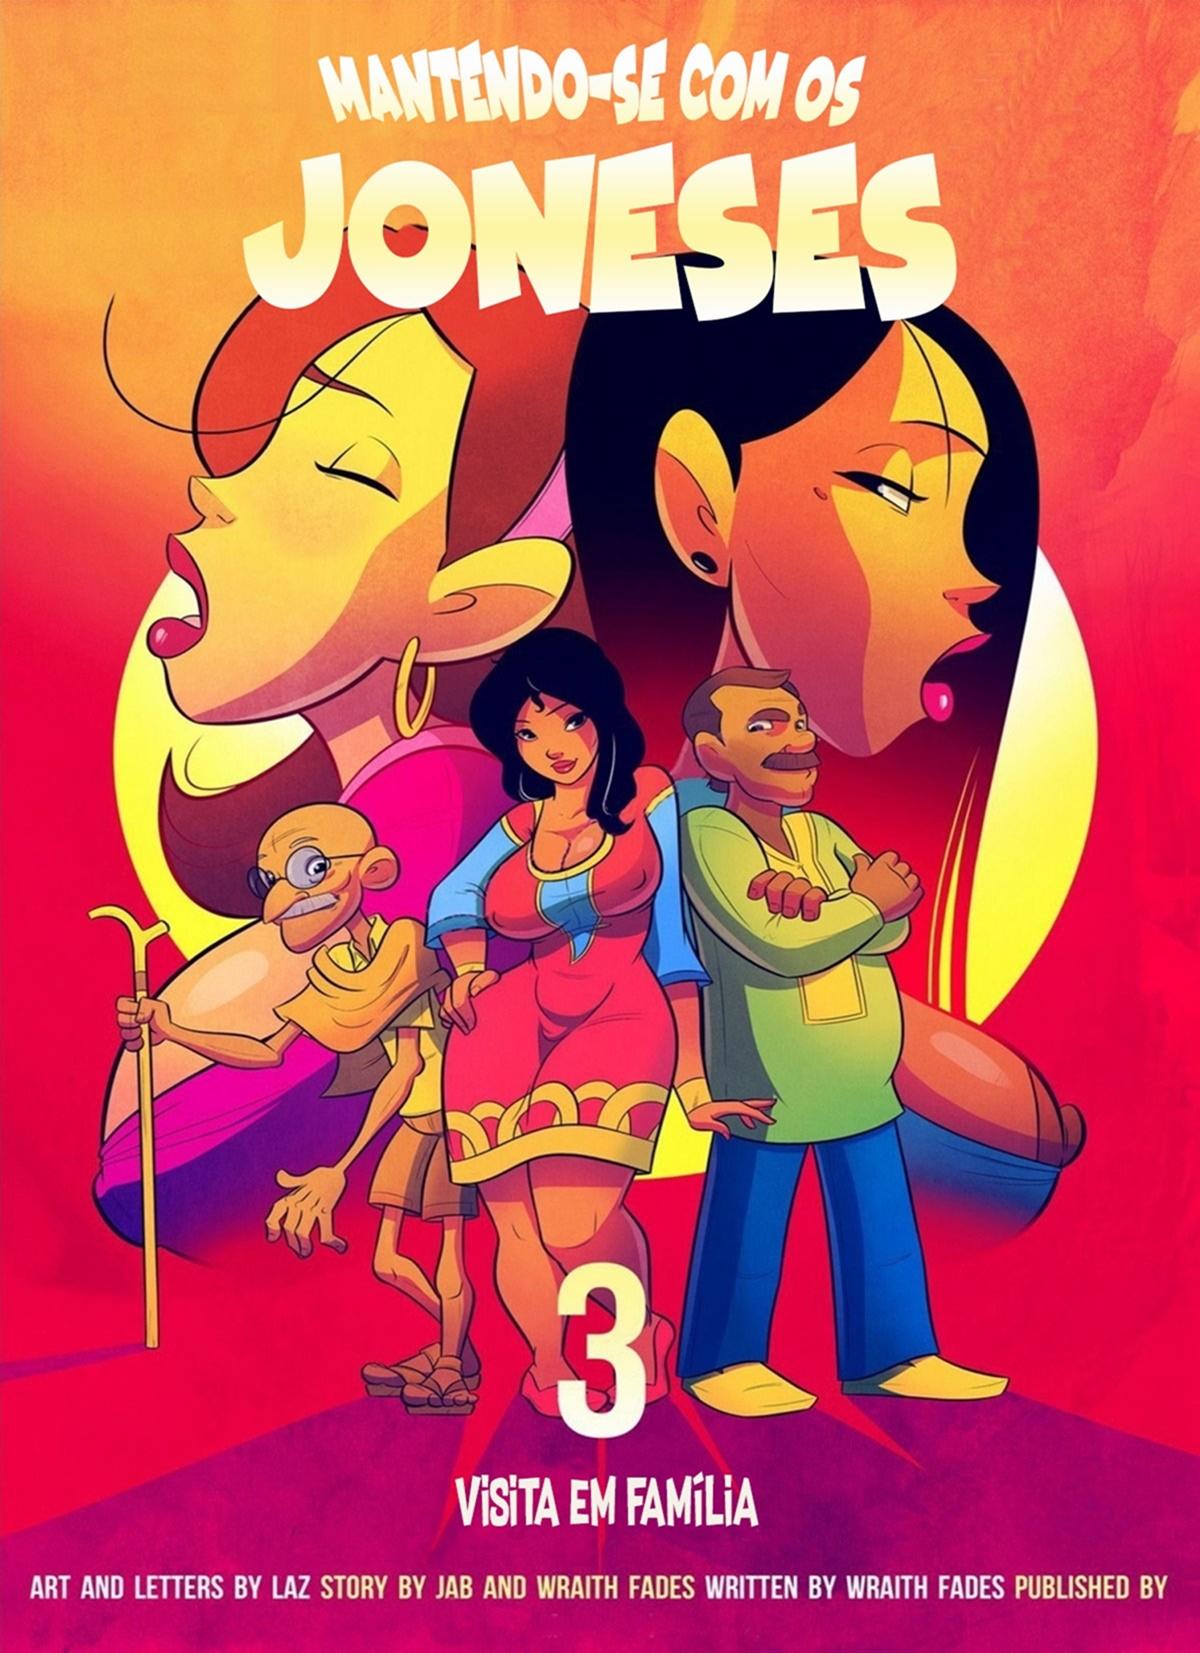 Mantendo-se com os Joneses 3